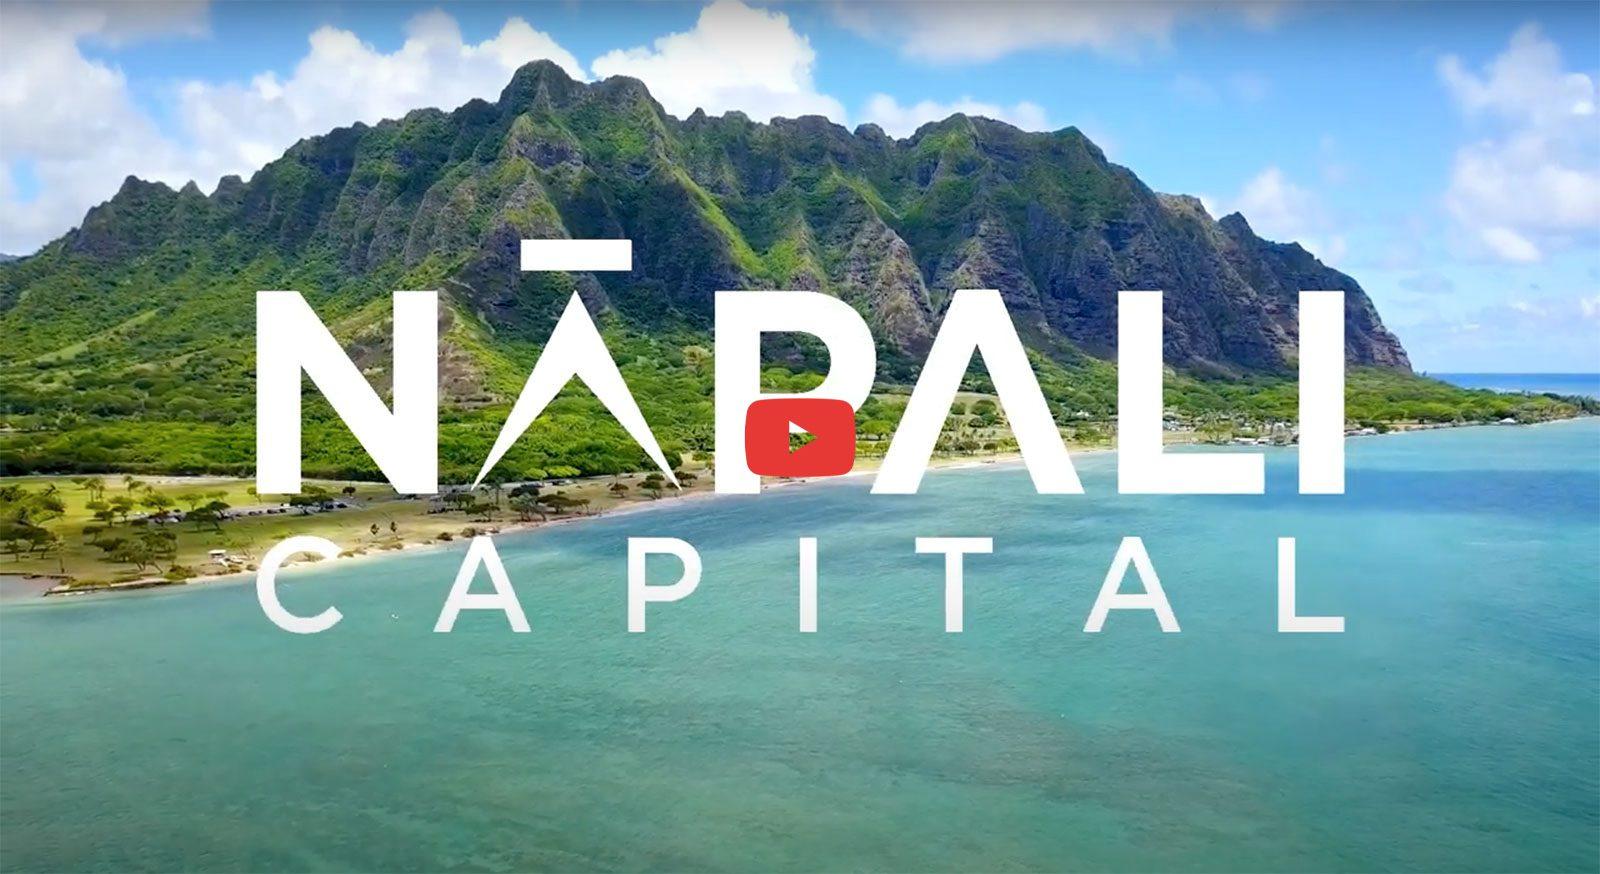 Napali Capital